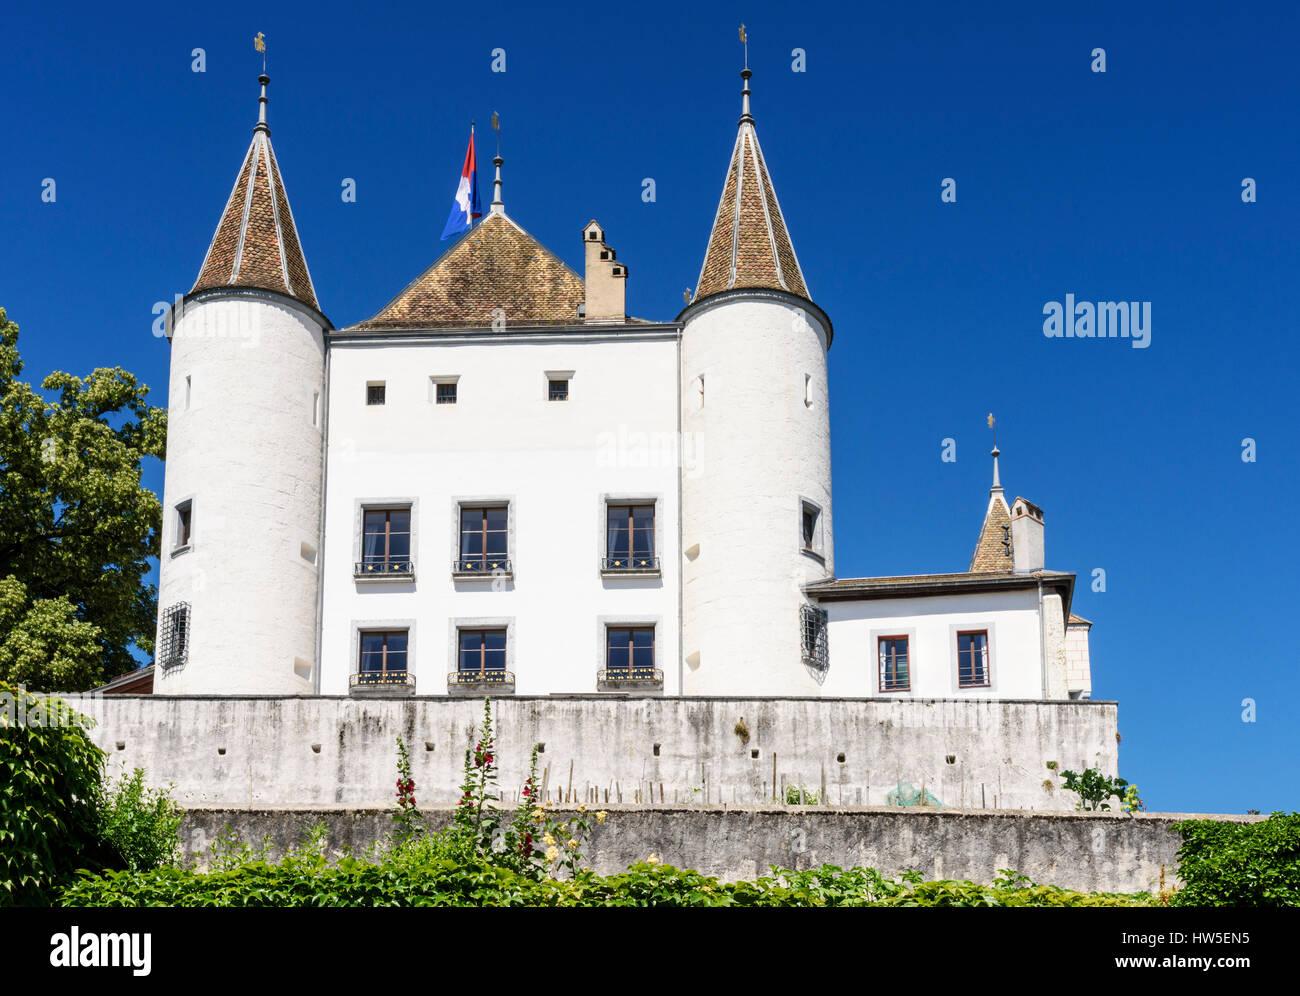 Nyon Castle, Nyon, Switzerland - Stock Image